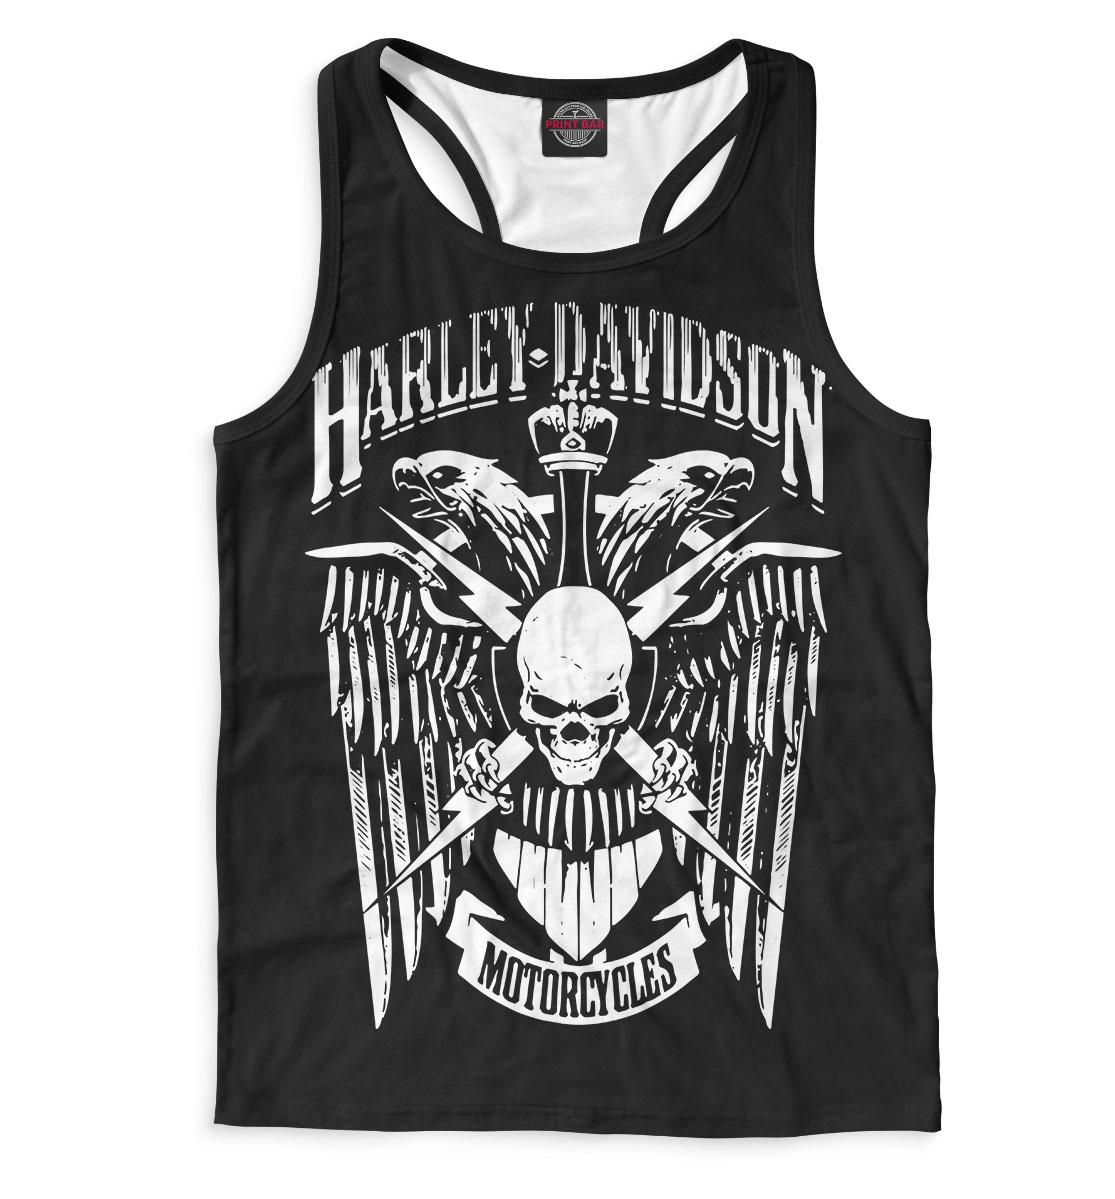 Купить Harley Davidson Motorcycles, Printbar, Майки борцовки, MTR-575884-mayb-2